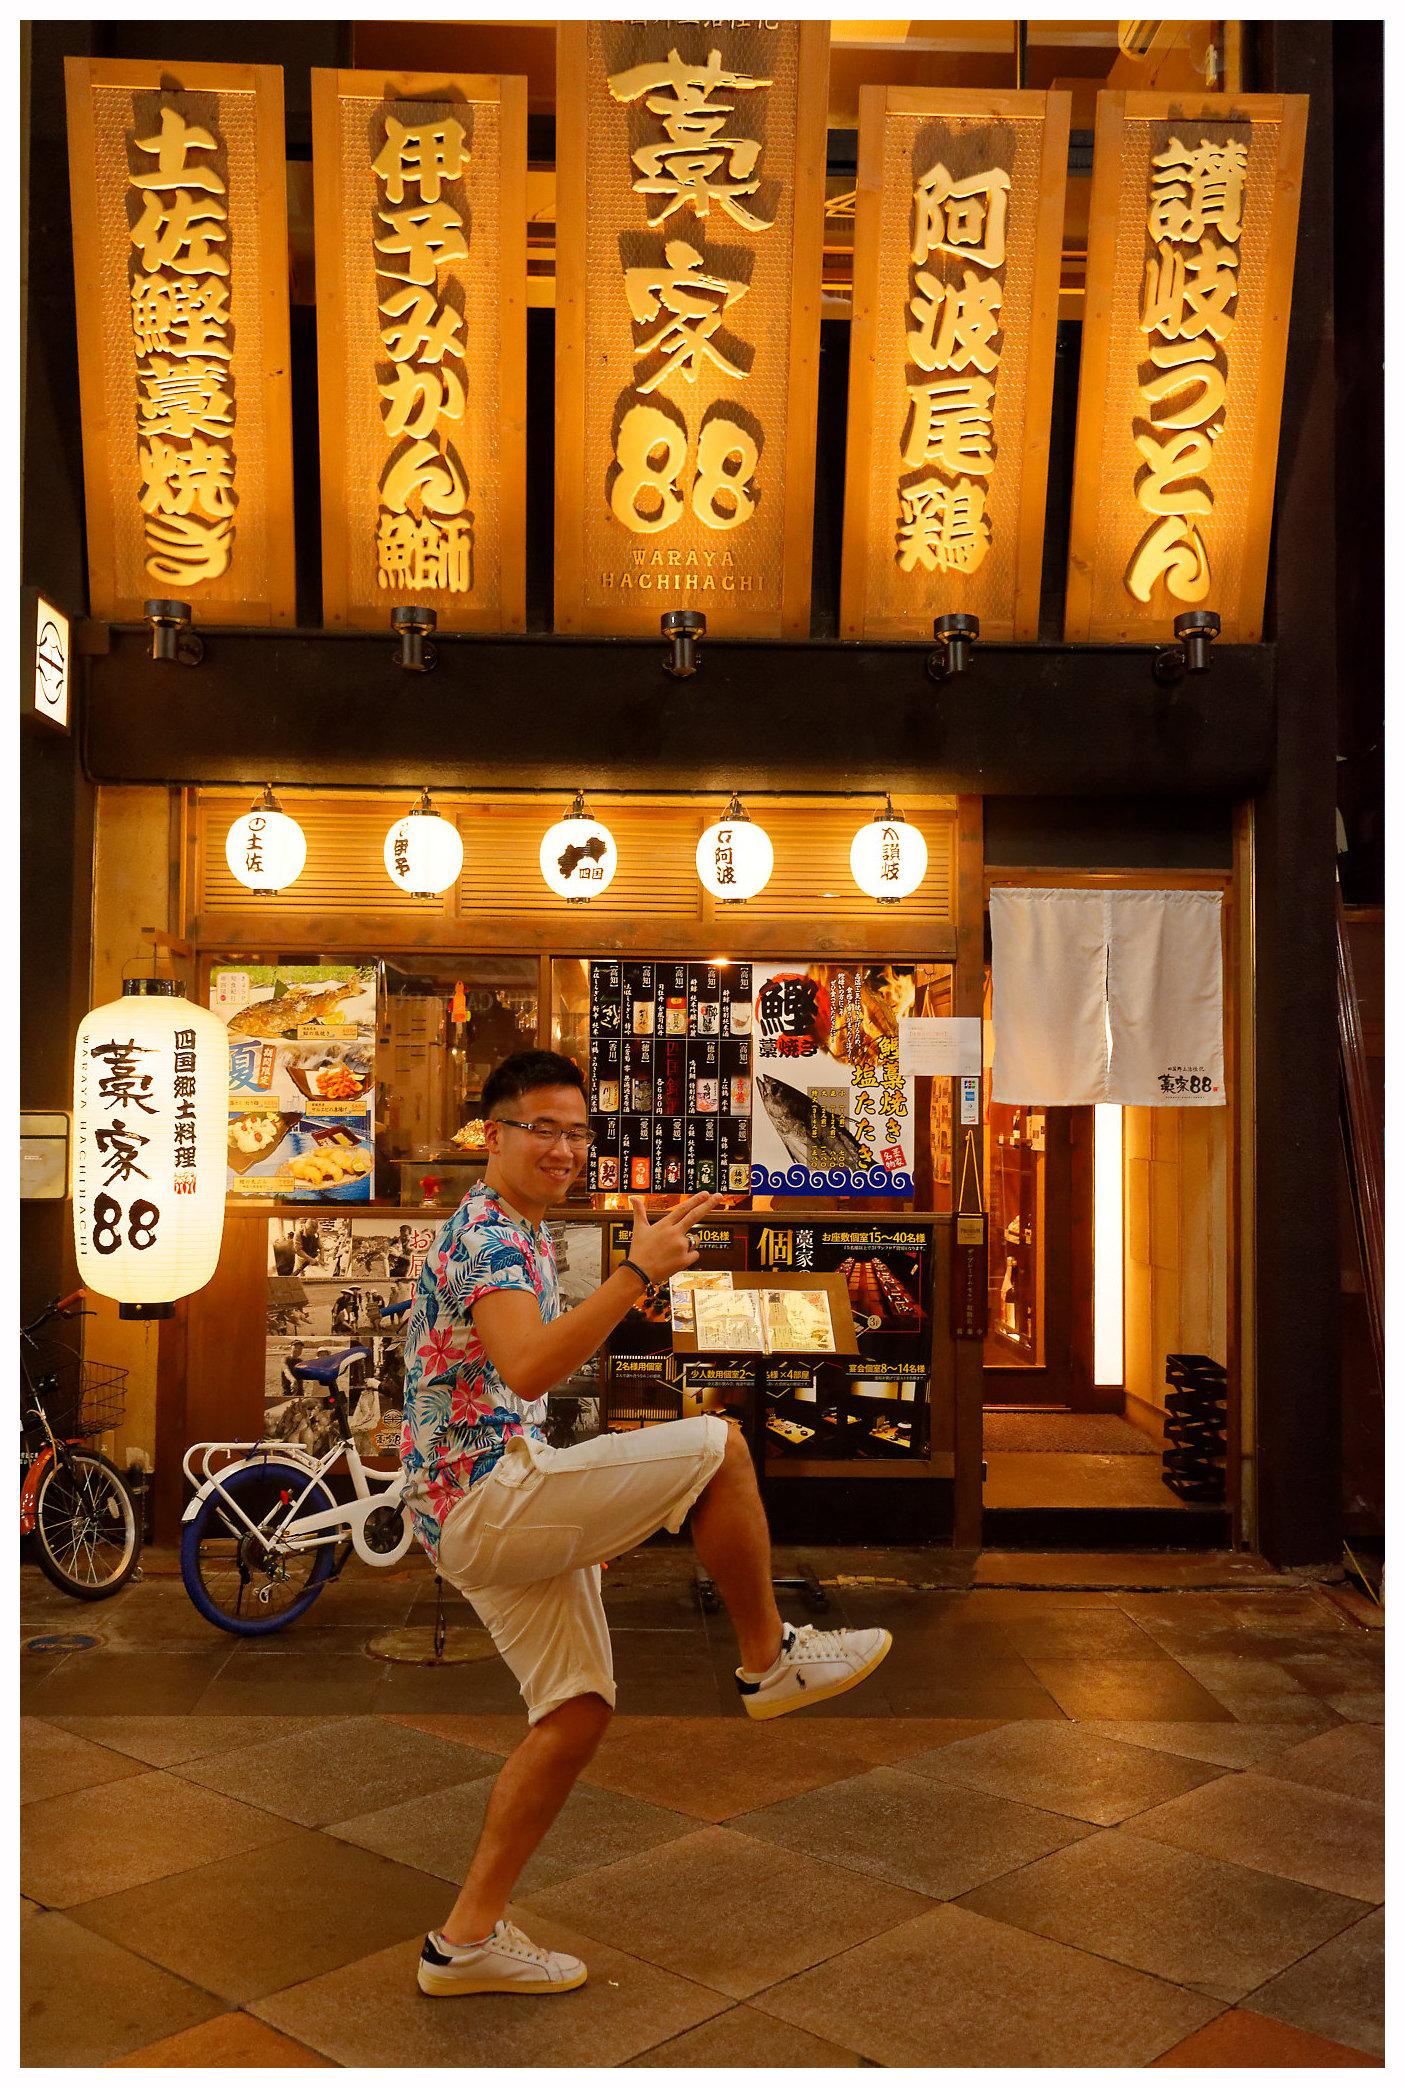 Night life au Japon à Yokkaichi - Un voyage hors des sentiers battus au pays du soleil levant